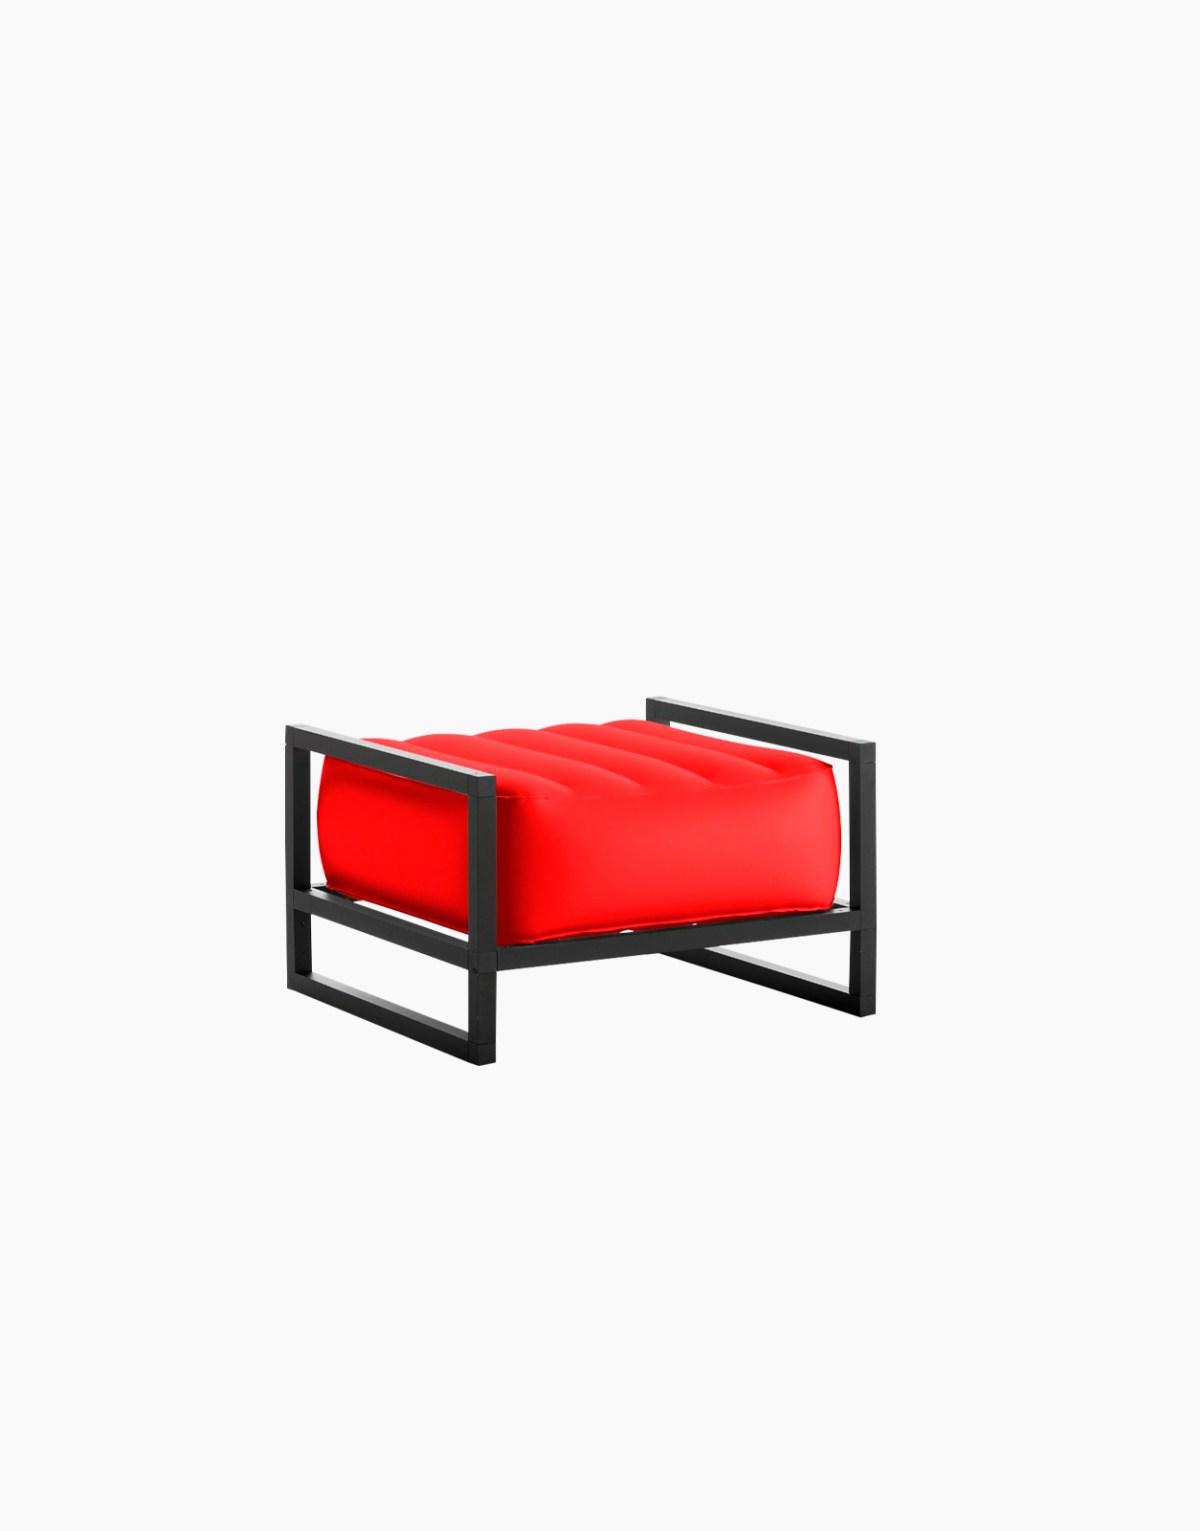 Revendeur de Mojow solution design fr mobilier assises fauteuil Yoko rouge opaque